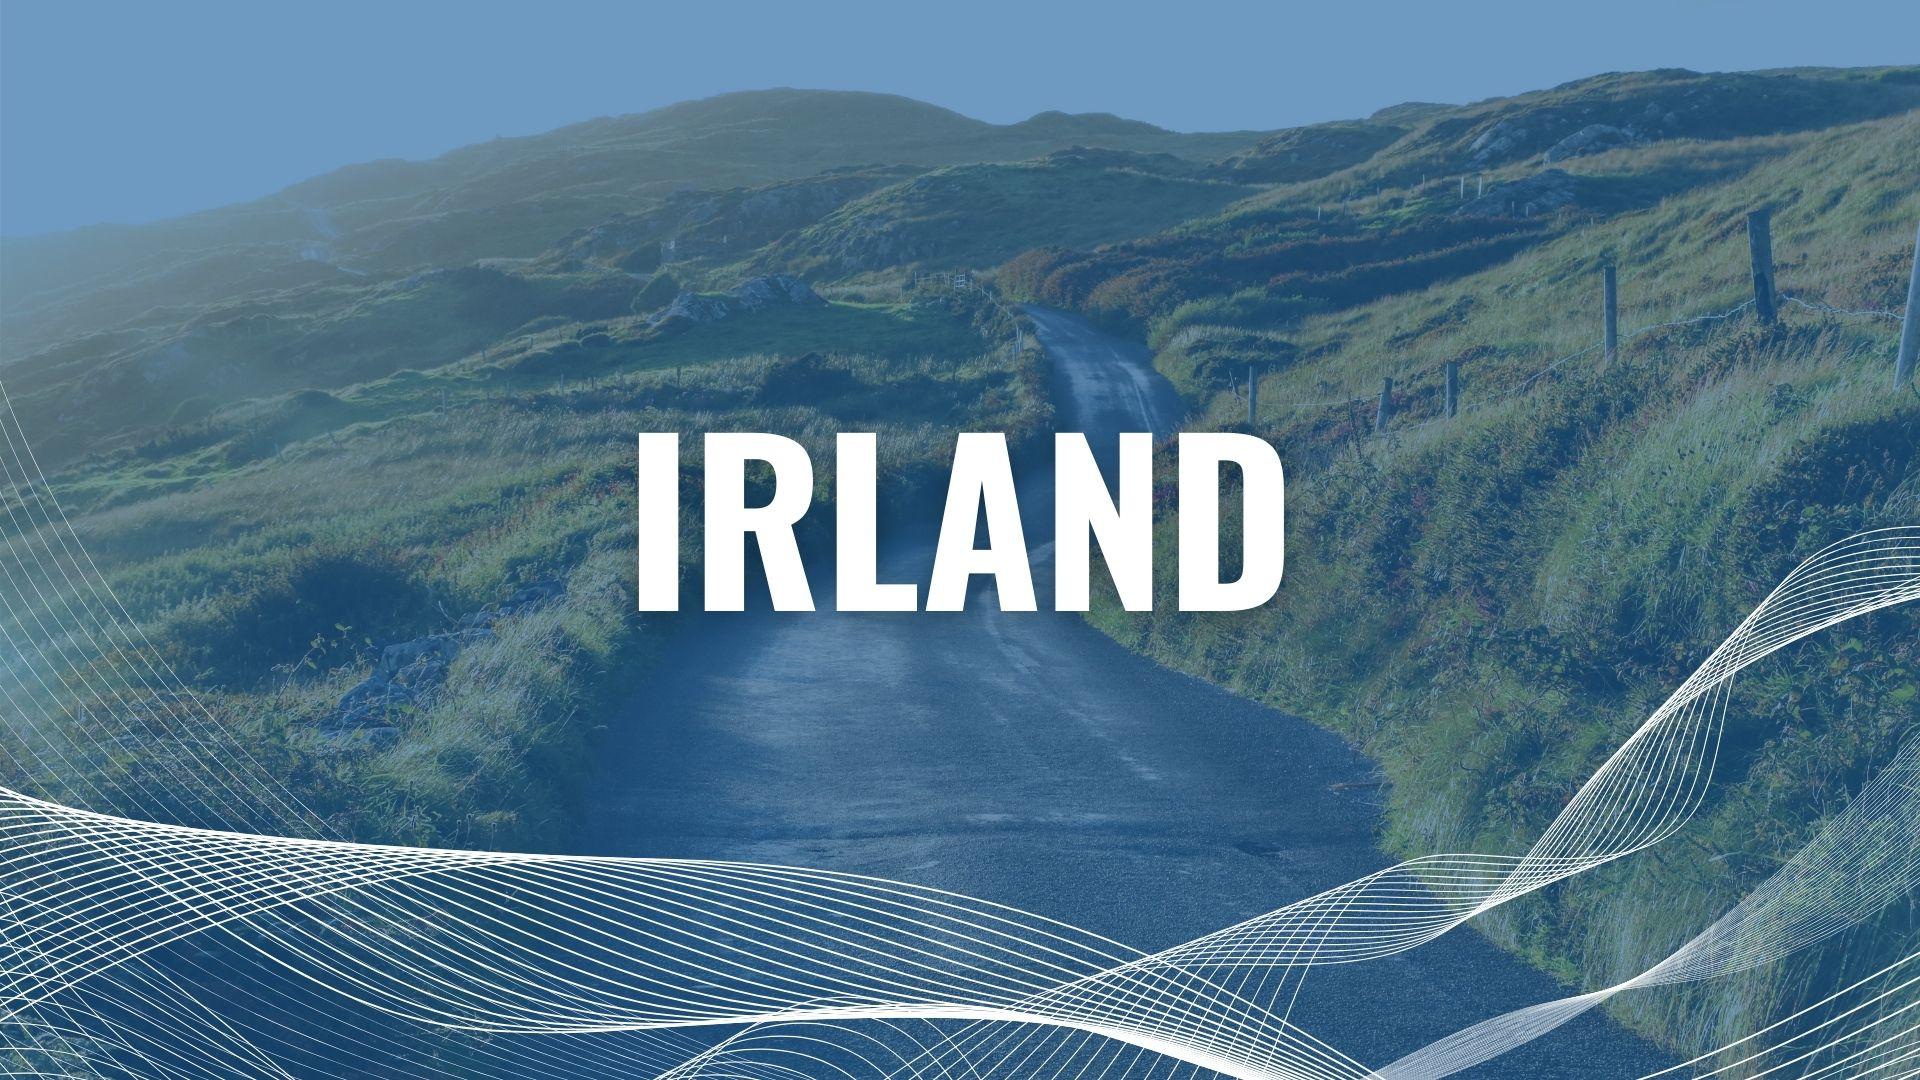 Urlaub mit der Fähre in Irland